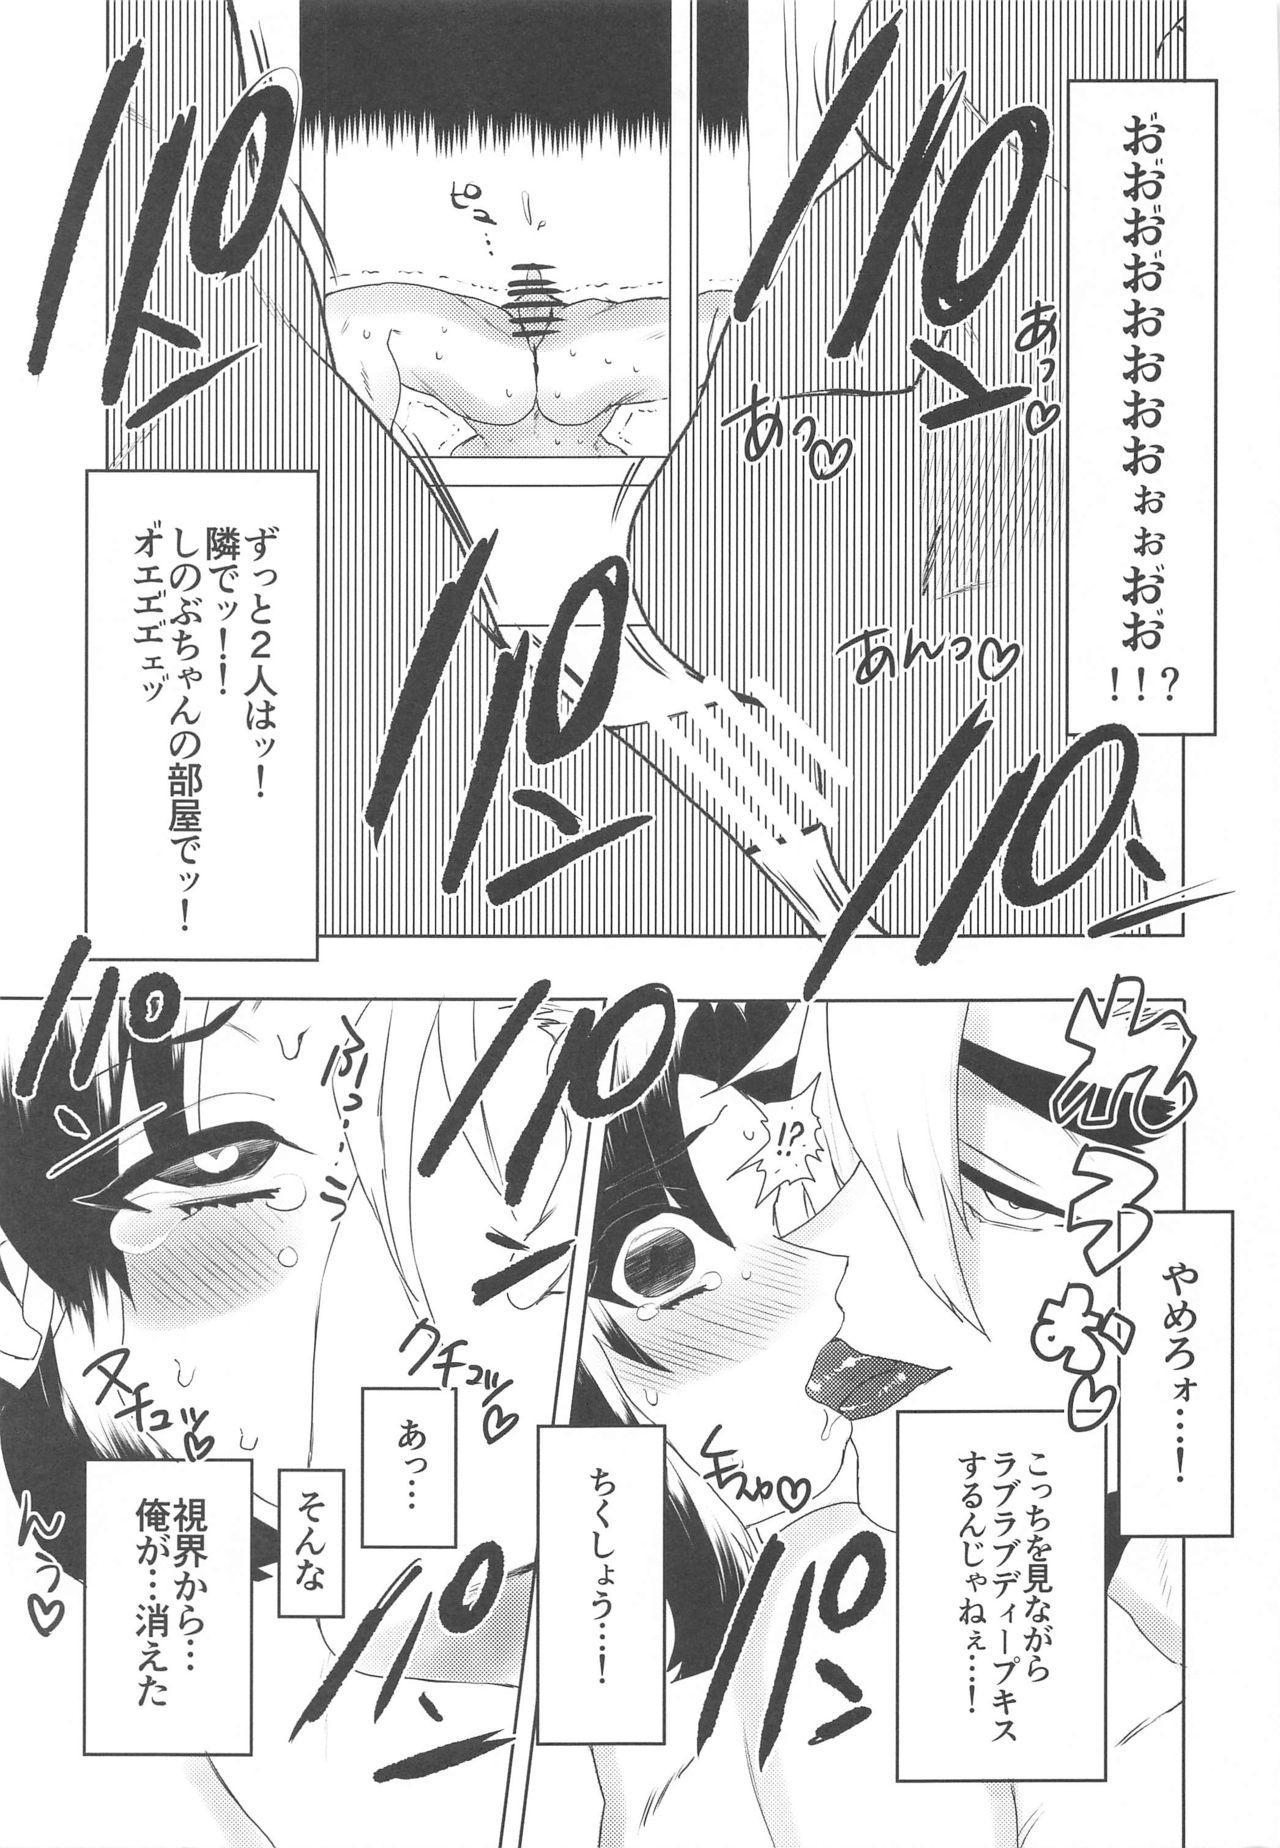 Watashi, Kono Hito ni Otosaremashita. 25